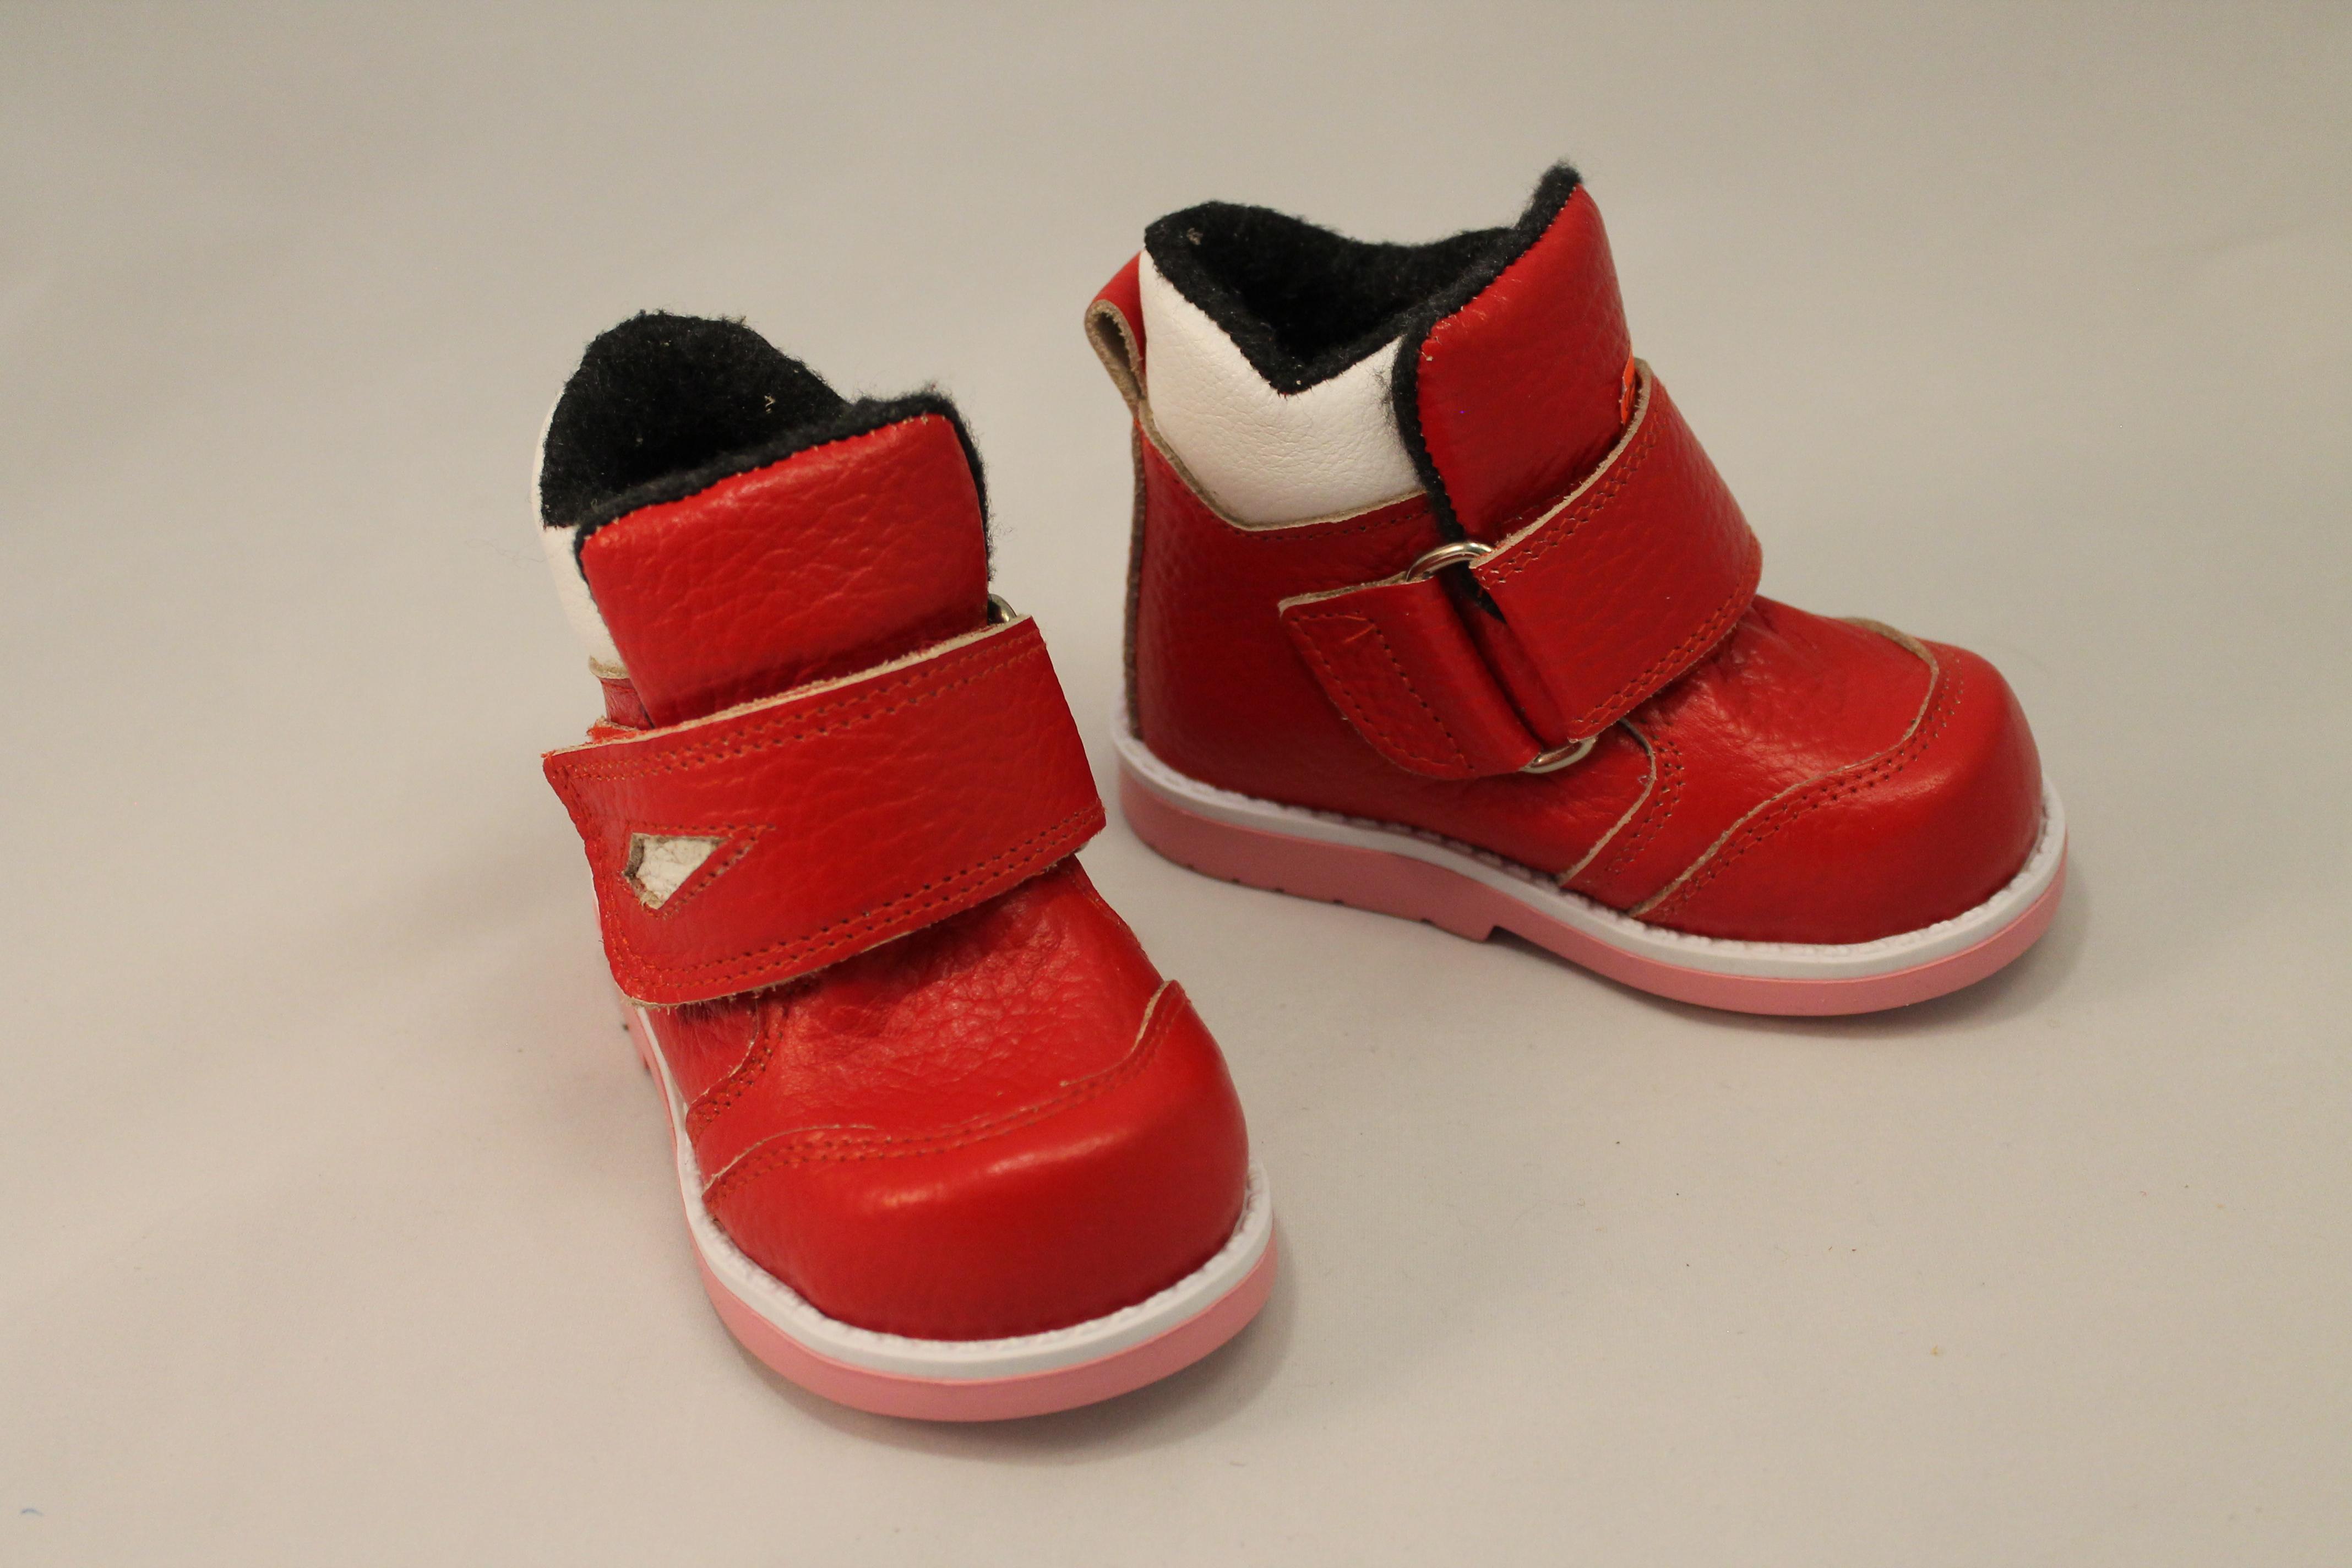 Сбор заказов. Детская Богородская обувь, напрямую с фабрики. Орто 790 руб, сандалии от 200 руб. Без рядов. Успеем до повышения цен! Выкуп 4